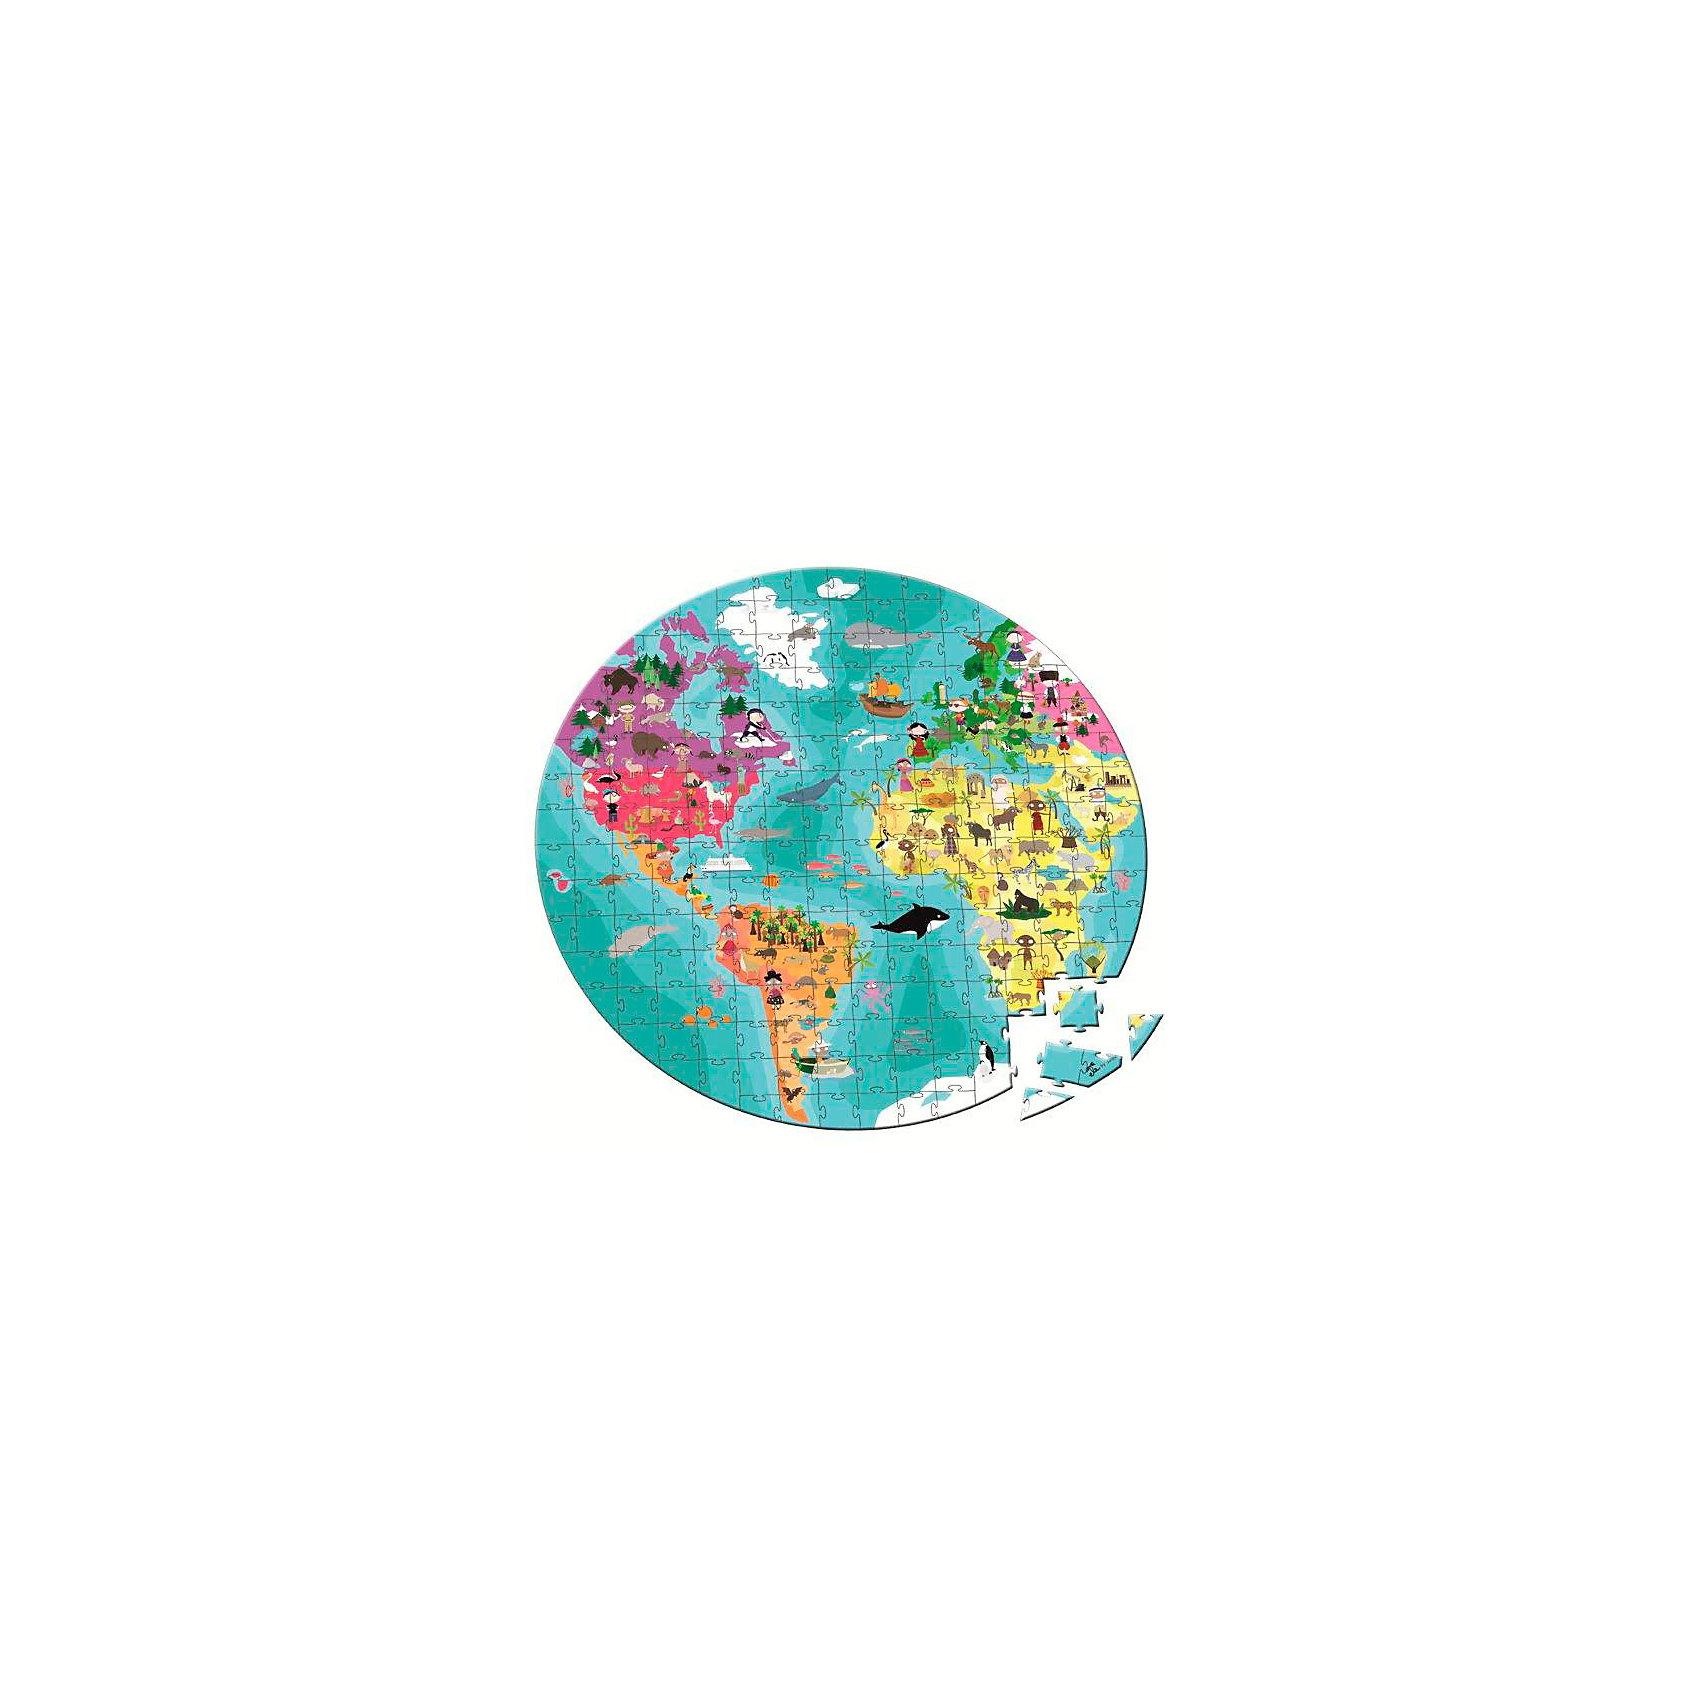 Пазл двухсторонний в круглом чемоданчике Наша планета, 208 деталей, JanodПазлы для детей постарше<br>Собирать разные изображения из деталей - любимое занятие многих детей. Пазлы - отличный способ развивать способности ребенка в игровой форме. Эта игра очень удобна - ее можно брать с собой в дорогу, благодаря продуманной форме хранится она очень компактно. Она развивает также мелкую моторику, воображение, логическое мышление, цветовосприятие. Такая игра надолго занимает детей и помогает увлекательно провести время!<br>Пазл двухсторонний в круглом чемоданчике Наша планета состоит из 208 деталей, которые складываются в картинку с изображением Земли. Пазл упакован в закрывающийся чемоданчик с ручкой, который очень удобно носить с собой. Игра разработана опытными специалистами, сделана из высококачественных материалов, безопасных для детей.<br><br>Дополнительная информация:<br><br>материал: картон;<br>размер пазла: 50 см;<br>размер упаковки: 25 х 24 х 7 см;<br>качественная полиграфия;<br>комплектация: круглый чемодан; 208 элементов.<br><br>Пазл двухсторонний в круглом чемоданчике Наша планета, 208 деталей, от компании Janod можно купить в нашем магазине.<br><br>Ширина мм: 250<br>Глубина мм: 253<br>Высота мм: 78<br>Вес г: 706<br>Возраст от месяцев: 84<br>Возраст до месяцев: 120<br>Пол: Унисекс<br>Возраст: Детский<br>Количество деталей: 208<br>SKU: 2410270